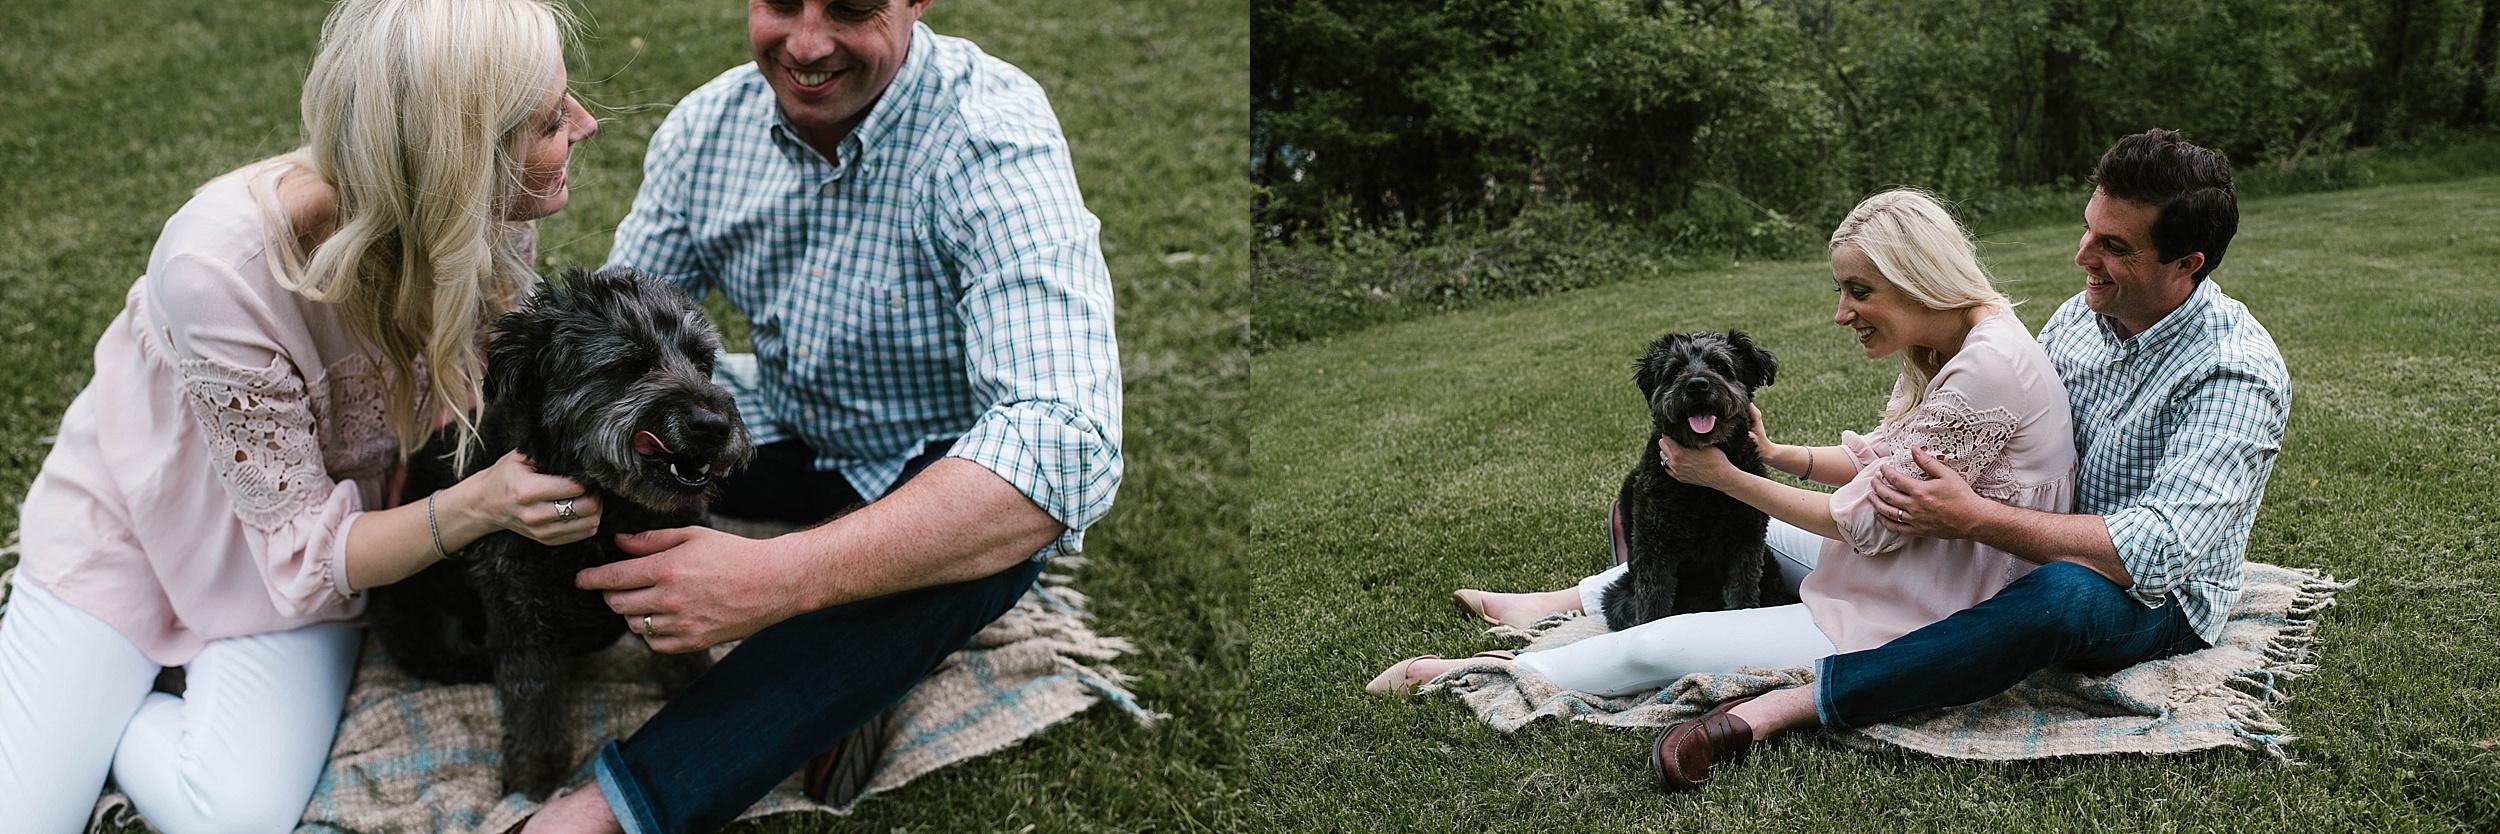 lauren-grayson-photography-portrait-artist-akron-cleveland-ohio-photographer-growth-comparison-breakout-clickin-moms_0124.jpg